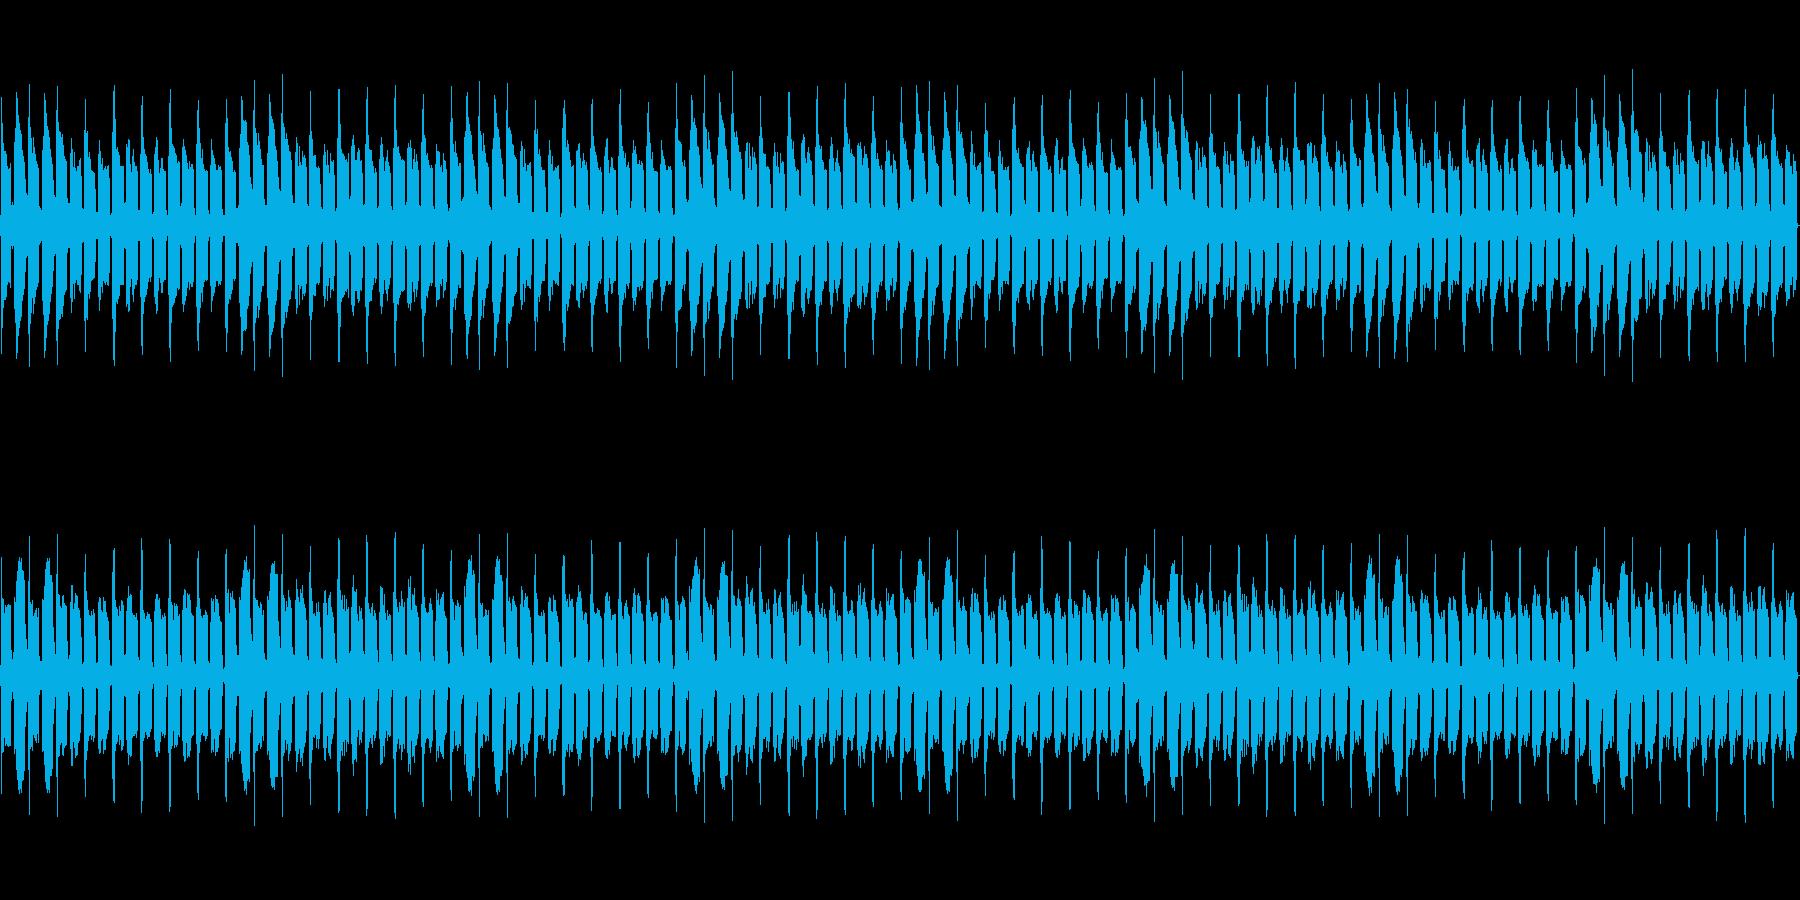 暗いレトロ風BGM【ループ】の再生済みの波形